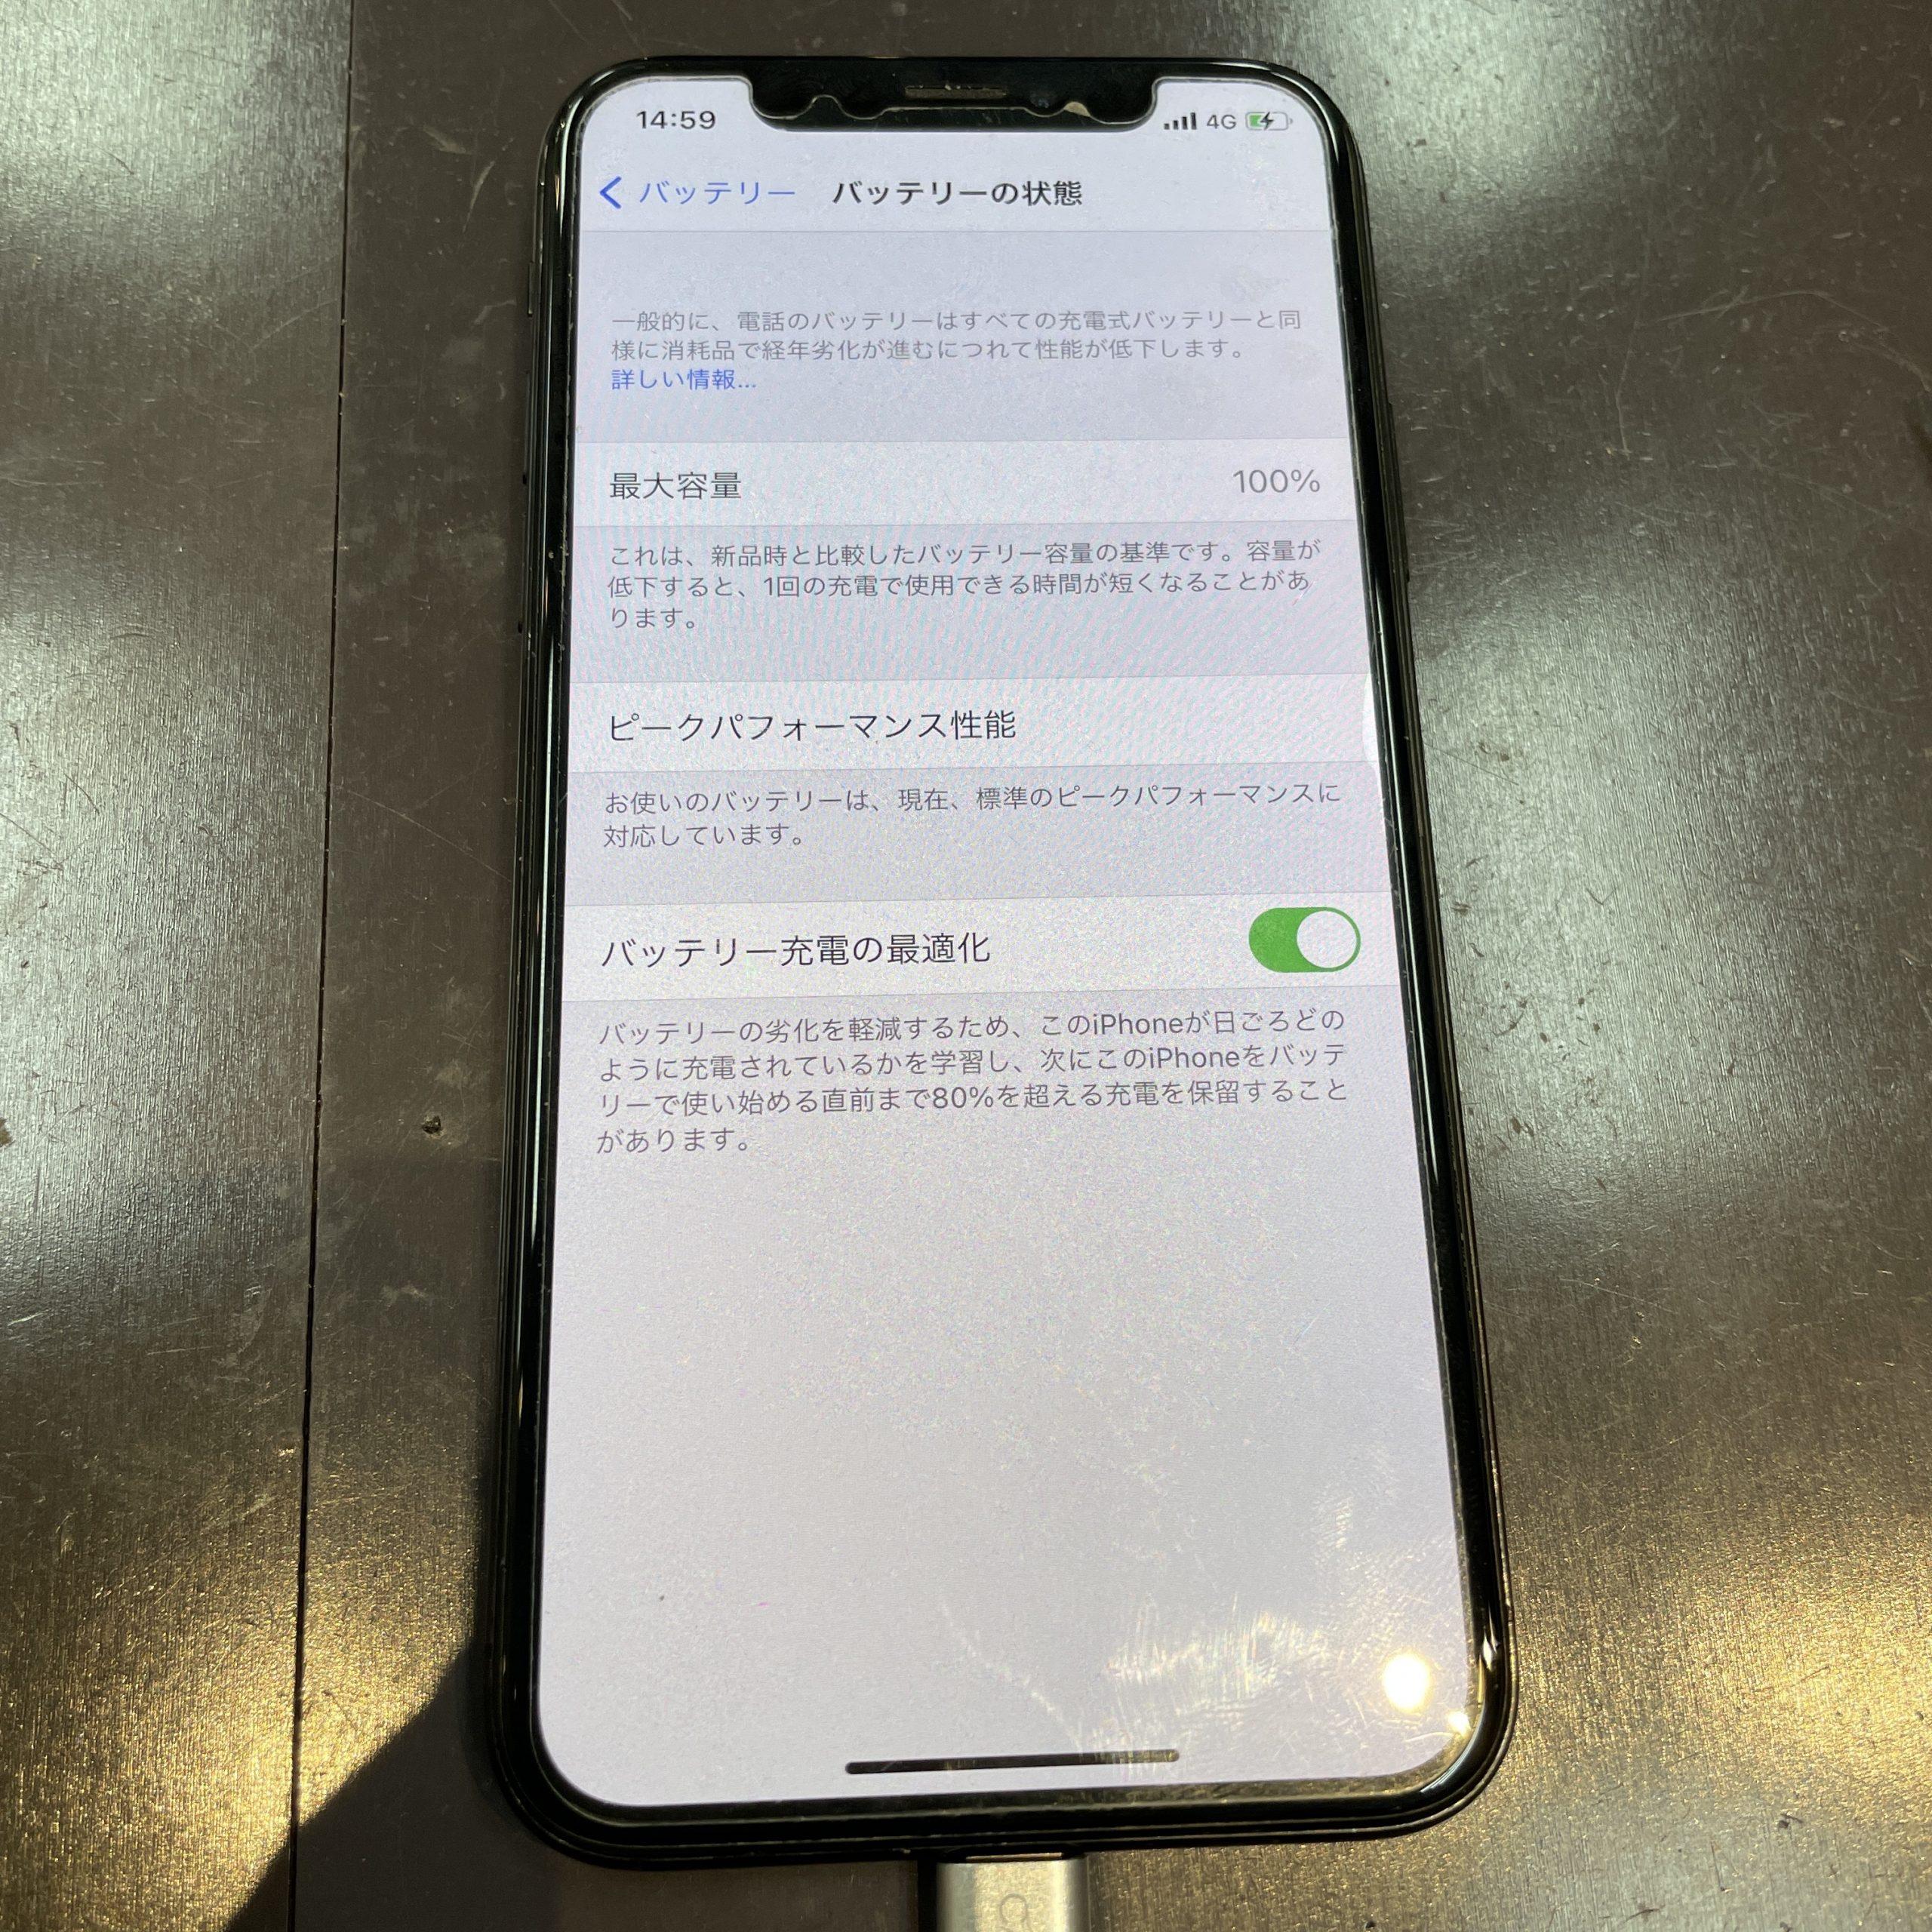 バッテリー交換するか悩んでます🤔【iPhone Ⅹ|大川市よりご来店】